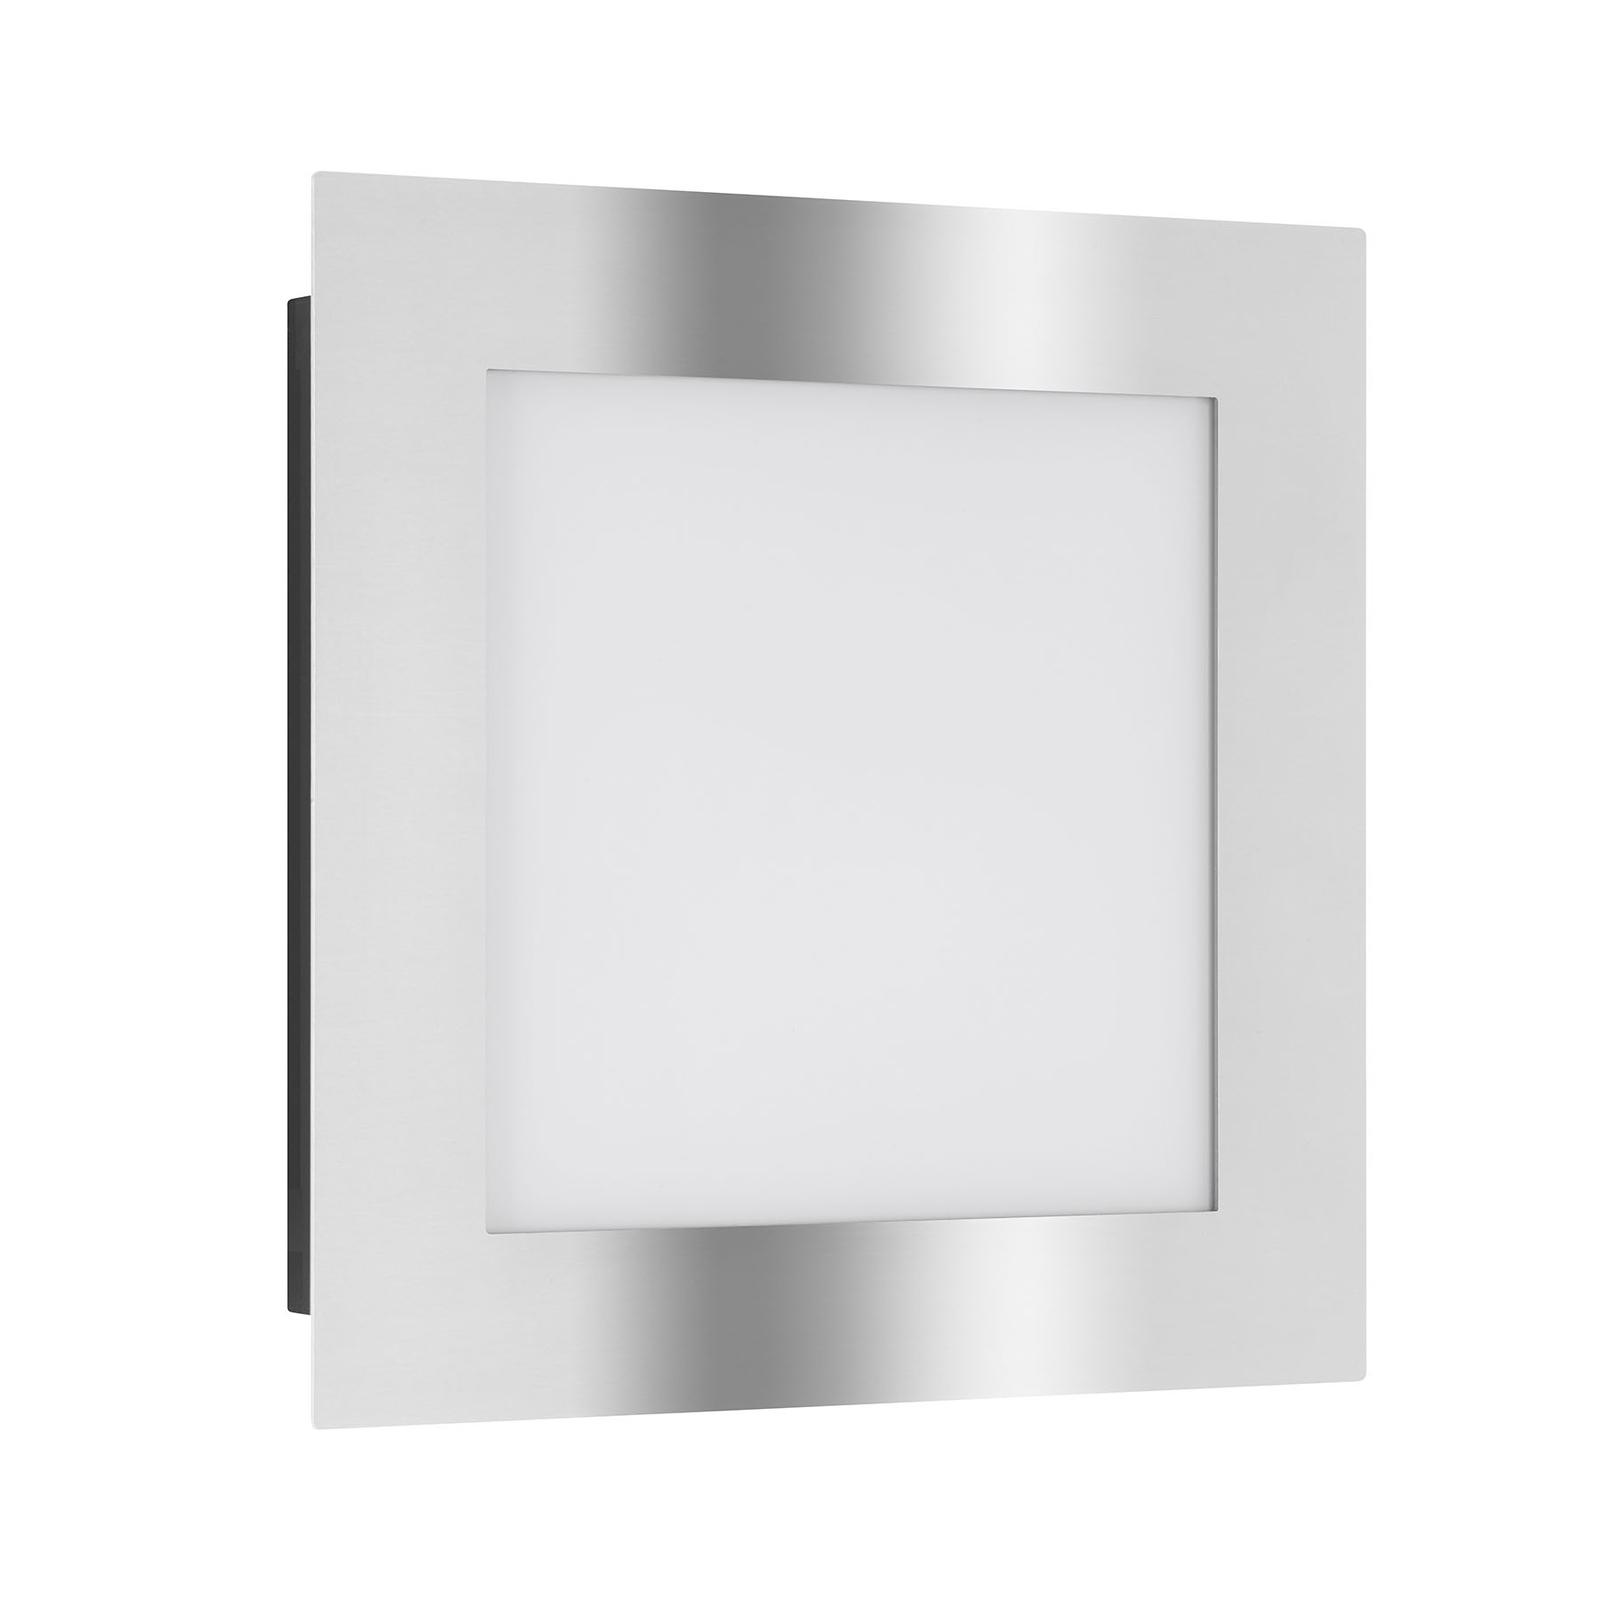 Kinkiet zewnętrzny LED 3006, z czujnikiem ruchu